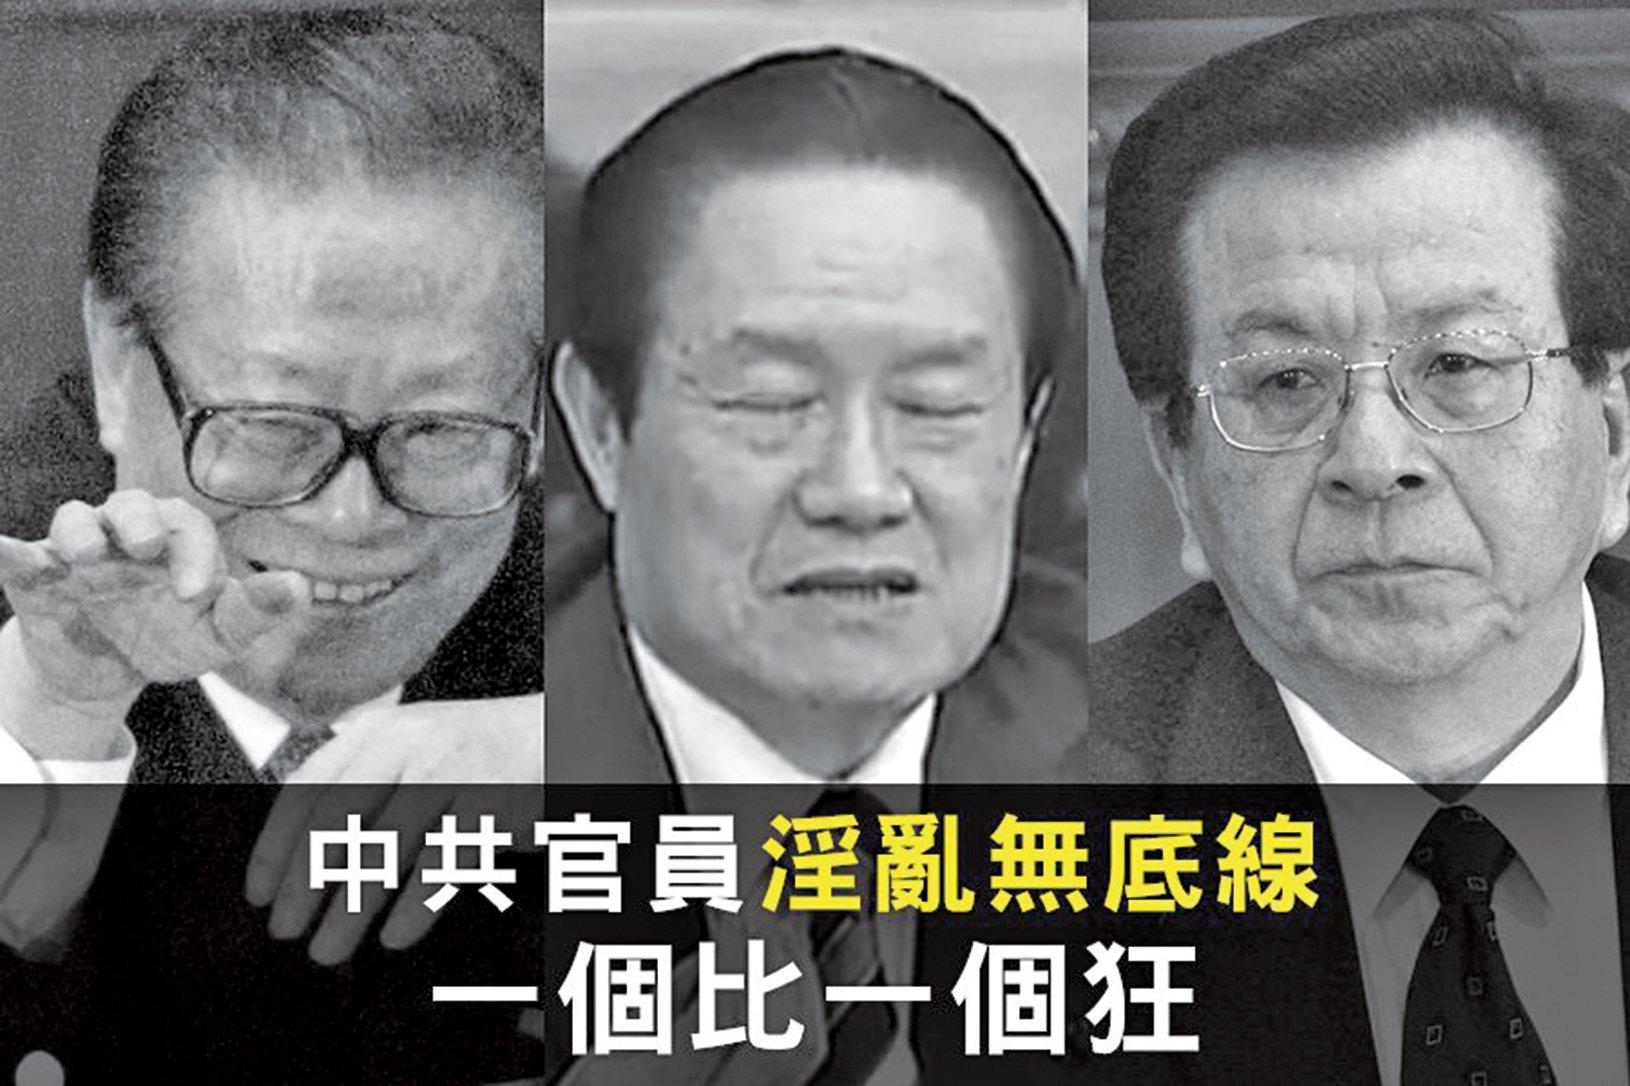 中共淫亂的基礎來自「無神論」、「一黨獨裁」、「共妻」、「公有制」,因此淫亂無底線,一個比一個狠。(大紀元合成圖)